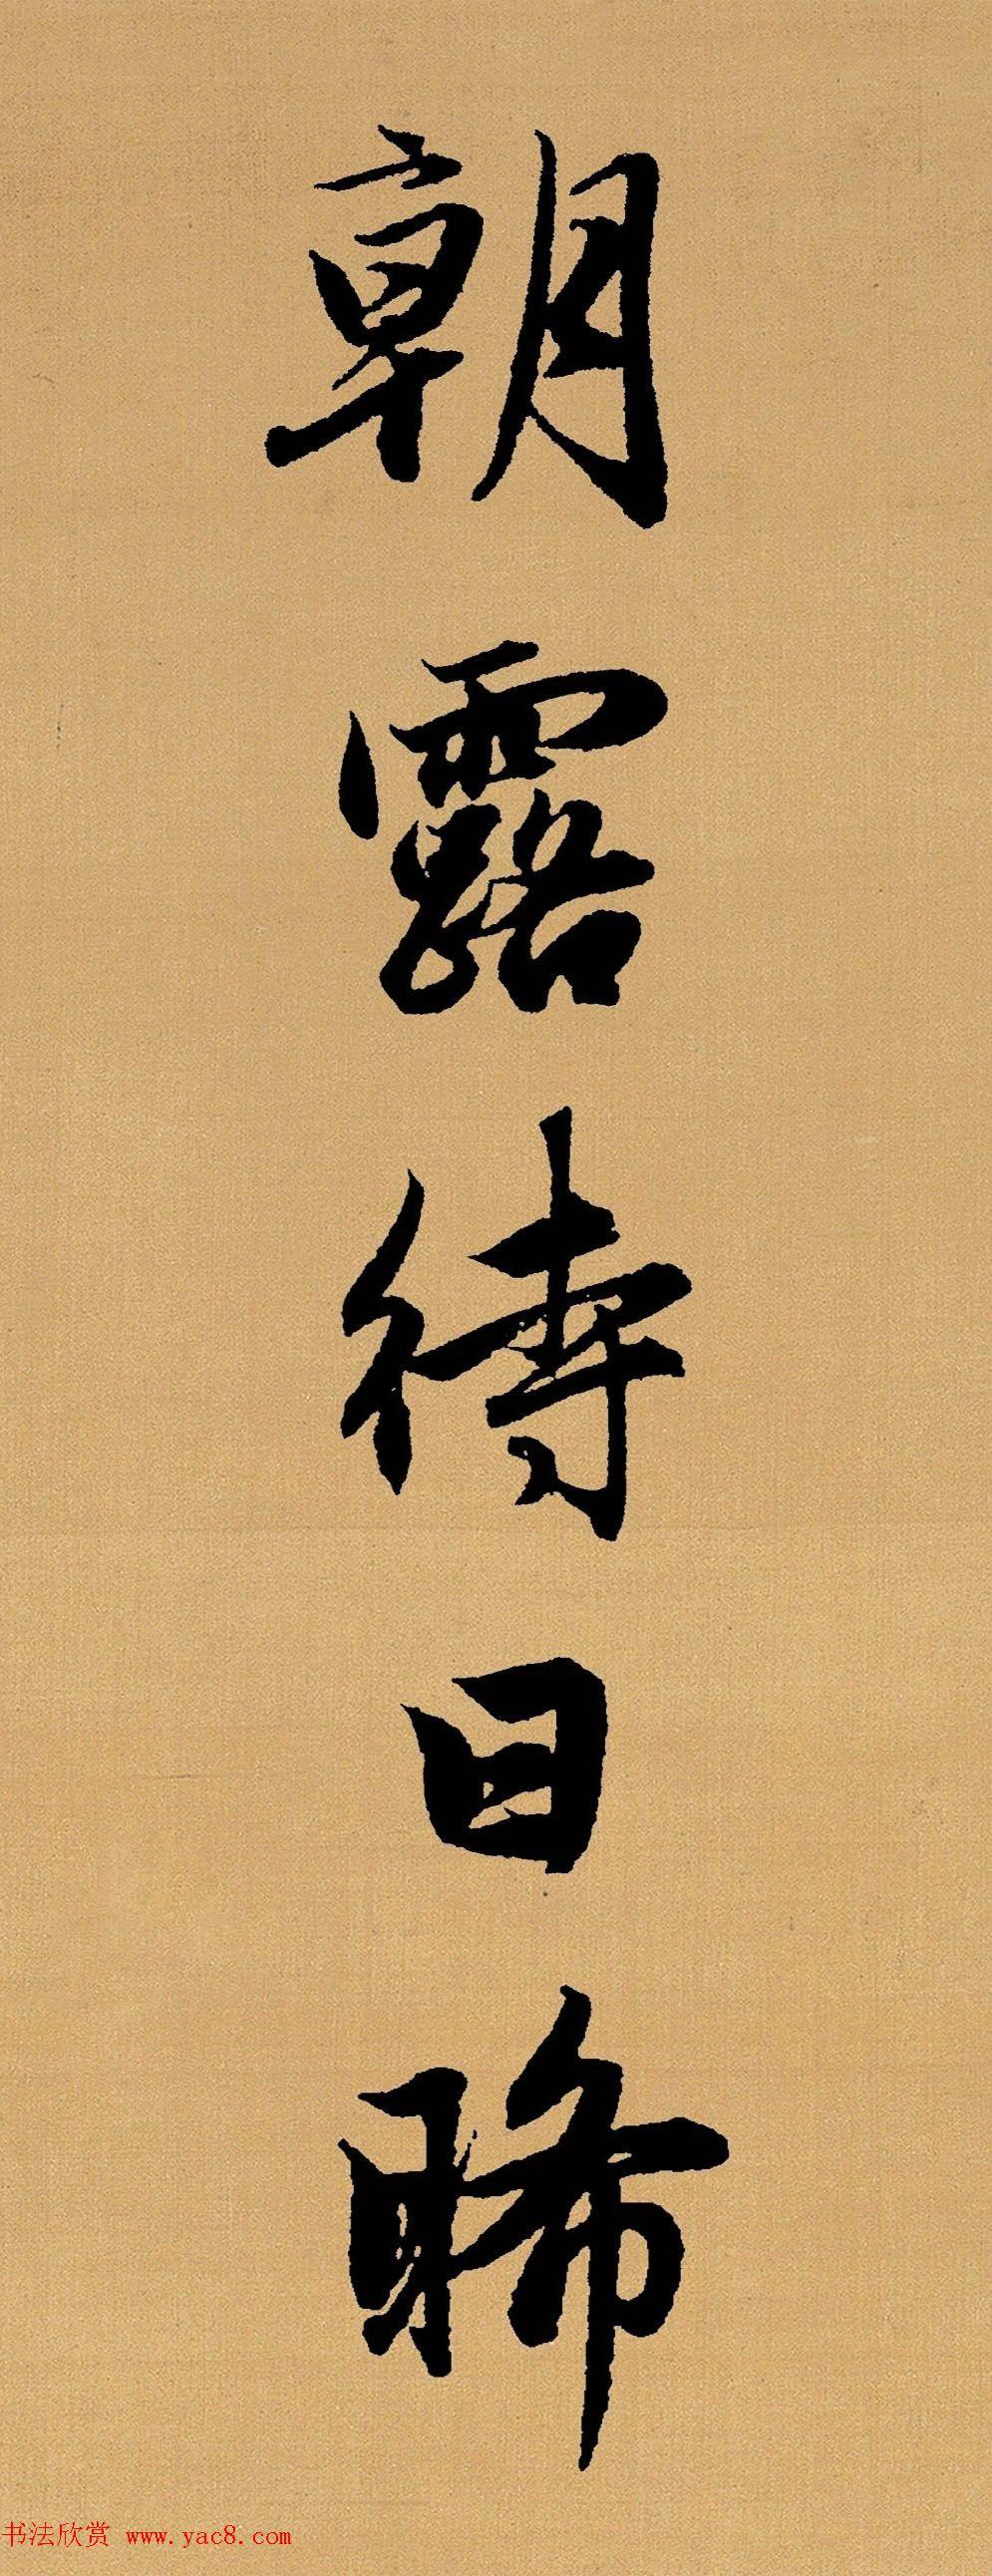 赵孟頫行书集字《长歌行》